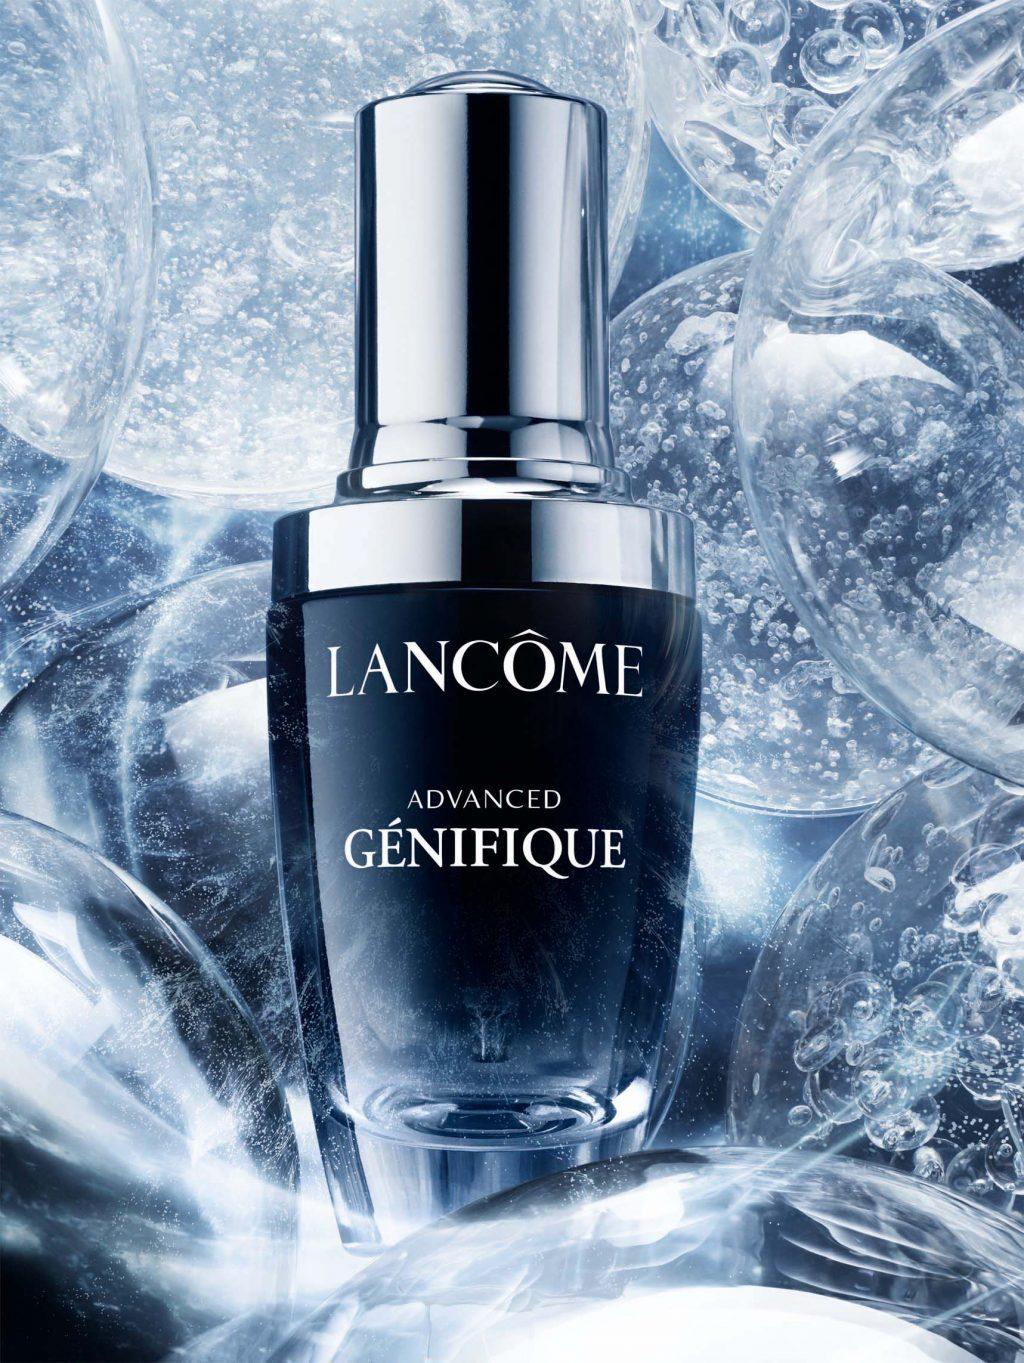 Tinh chất trẻ hoá Lancôme – Advanced Génifique.